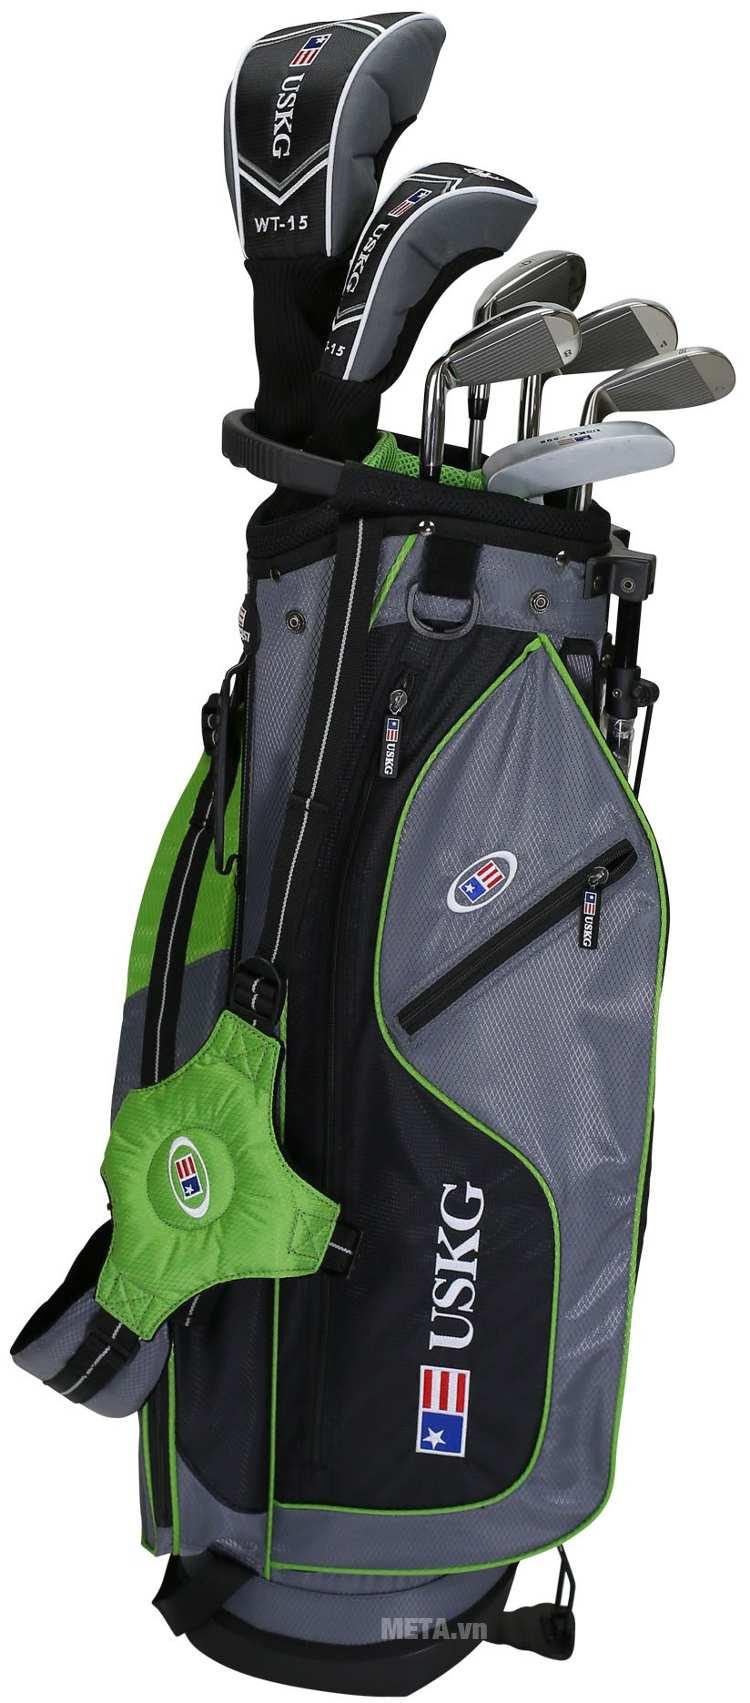 Bộ gậy golf trẻ em US Kids Golf UL57 7 Club với túi gậy hiện đại.